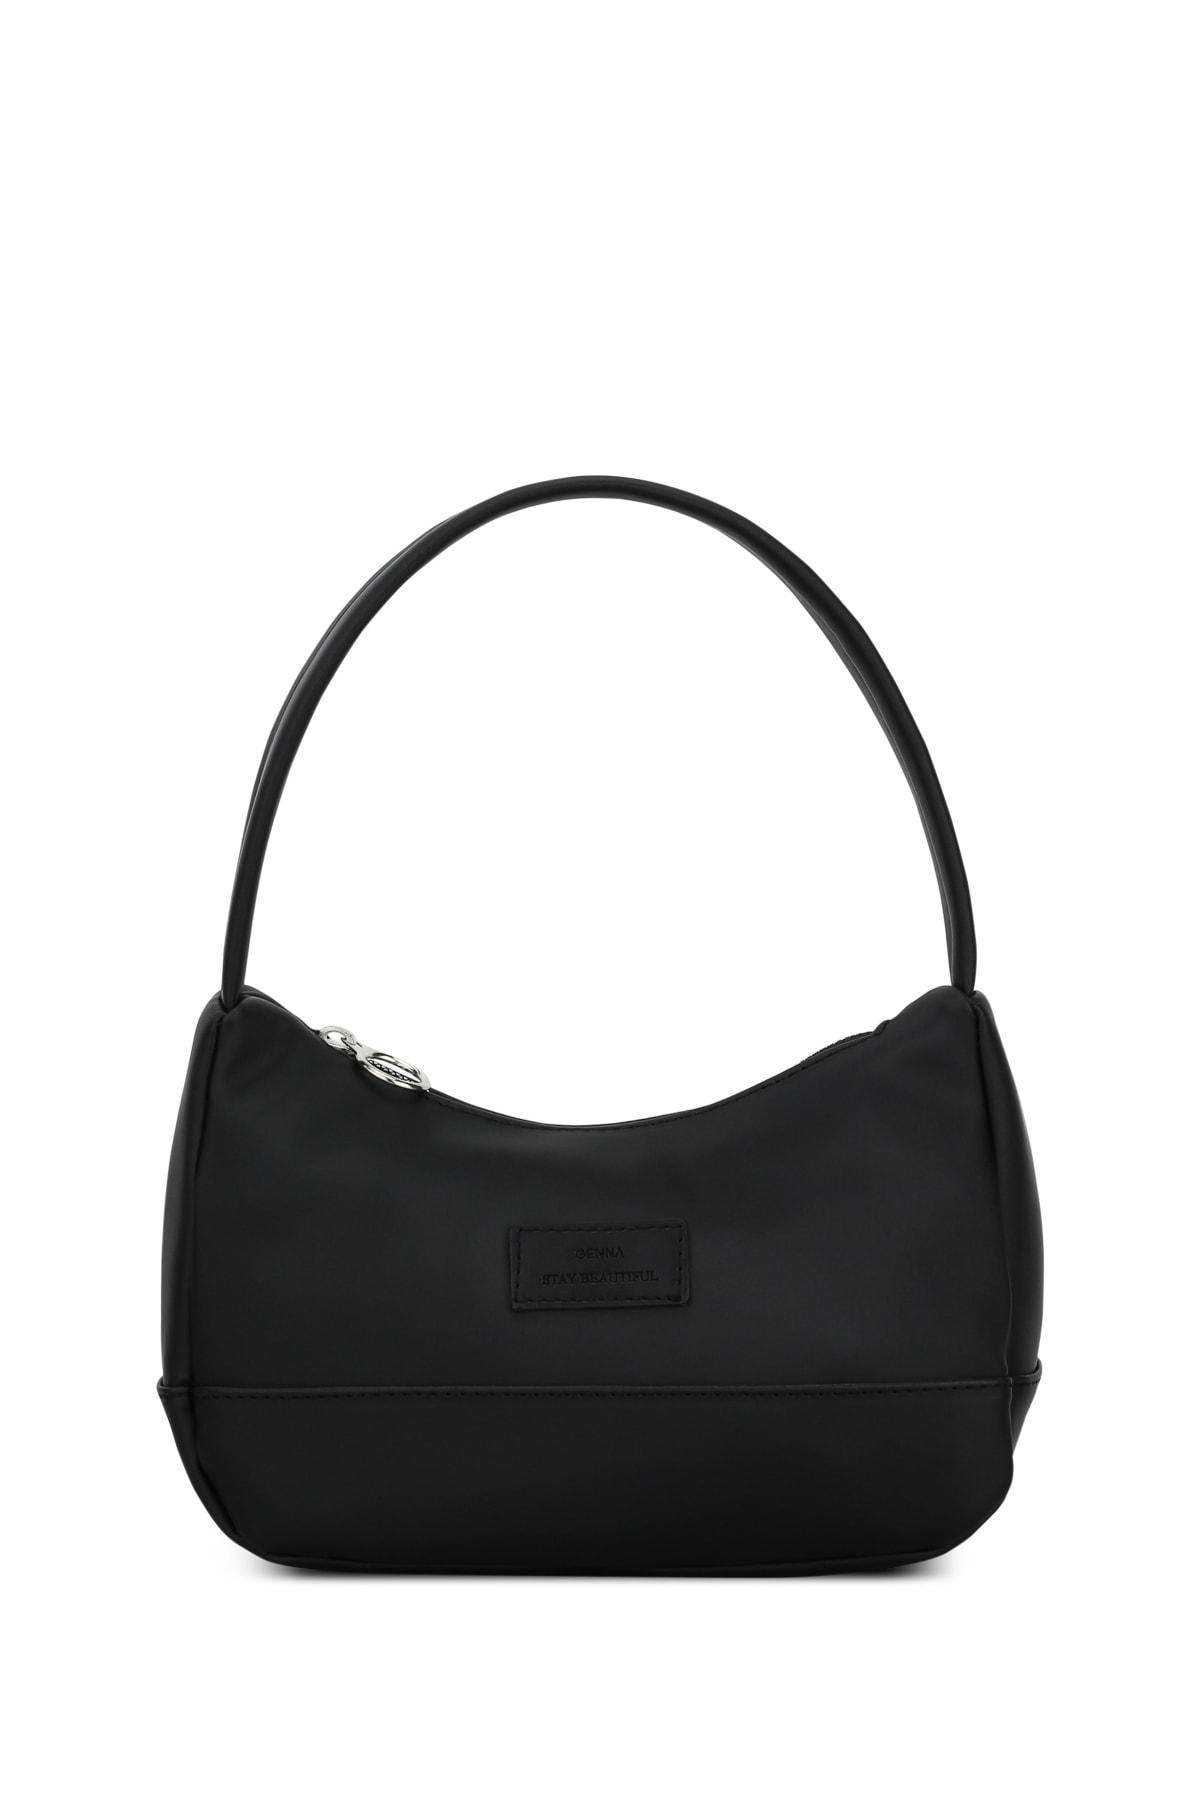 Housebags Kadın Siyah Baguette Çanta 197 1